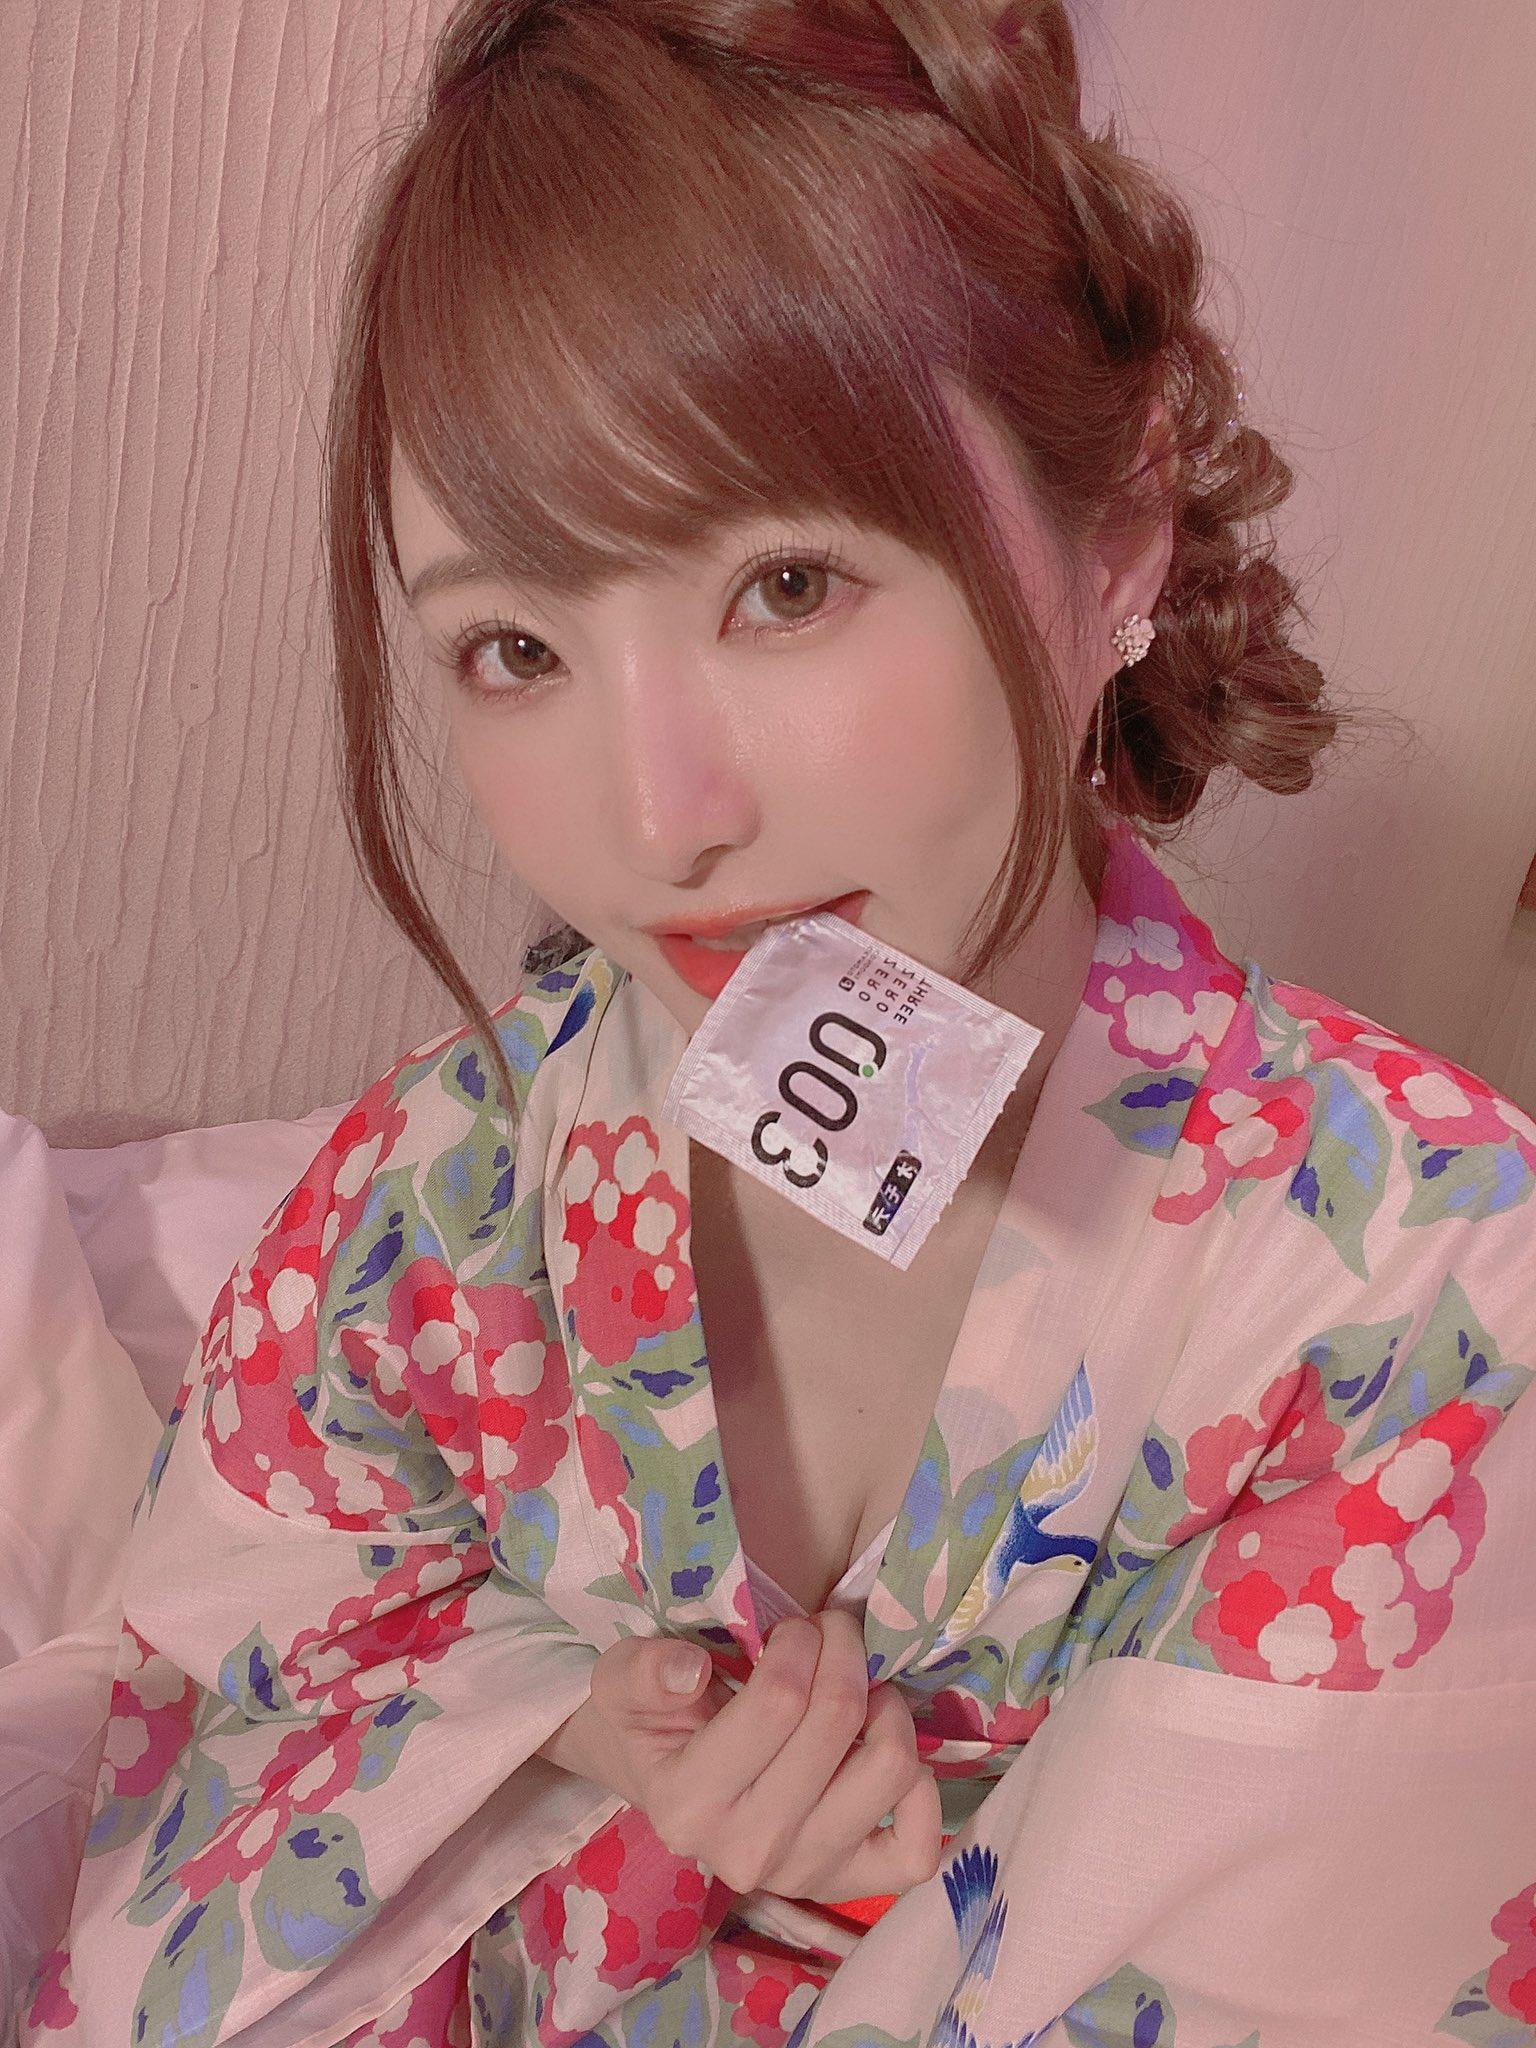 天使萌嘴角含避孕套坏笑 明日花绮罗狂秀自家品牌内衣 妹子图 热图7